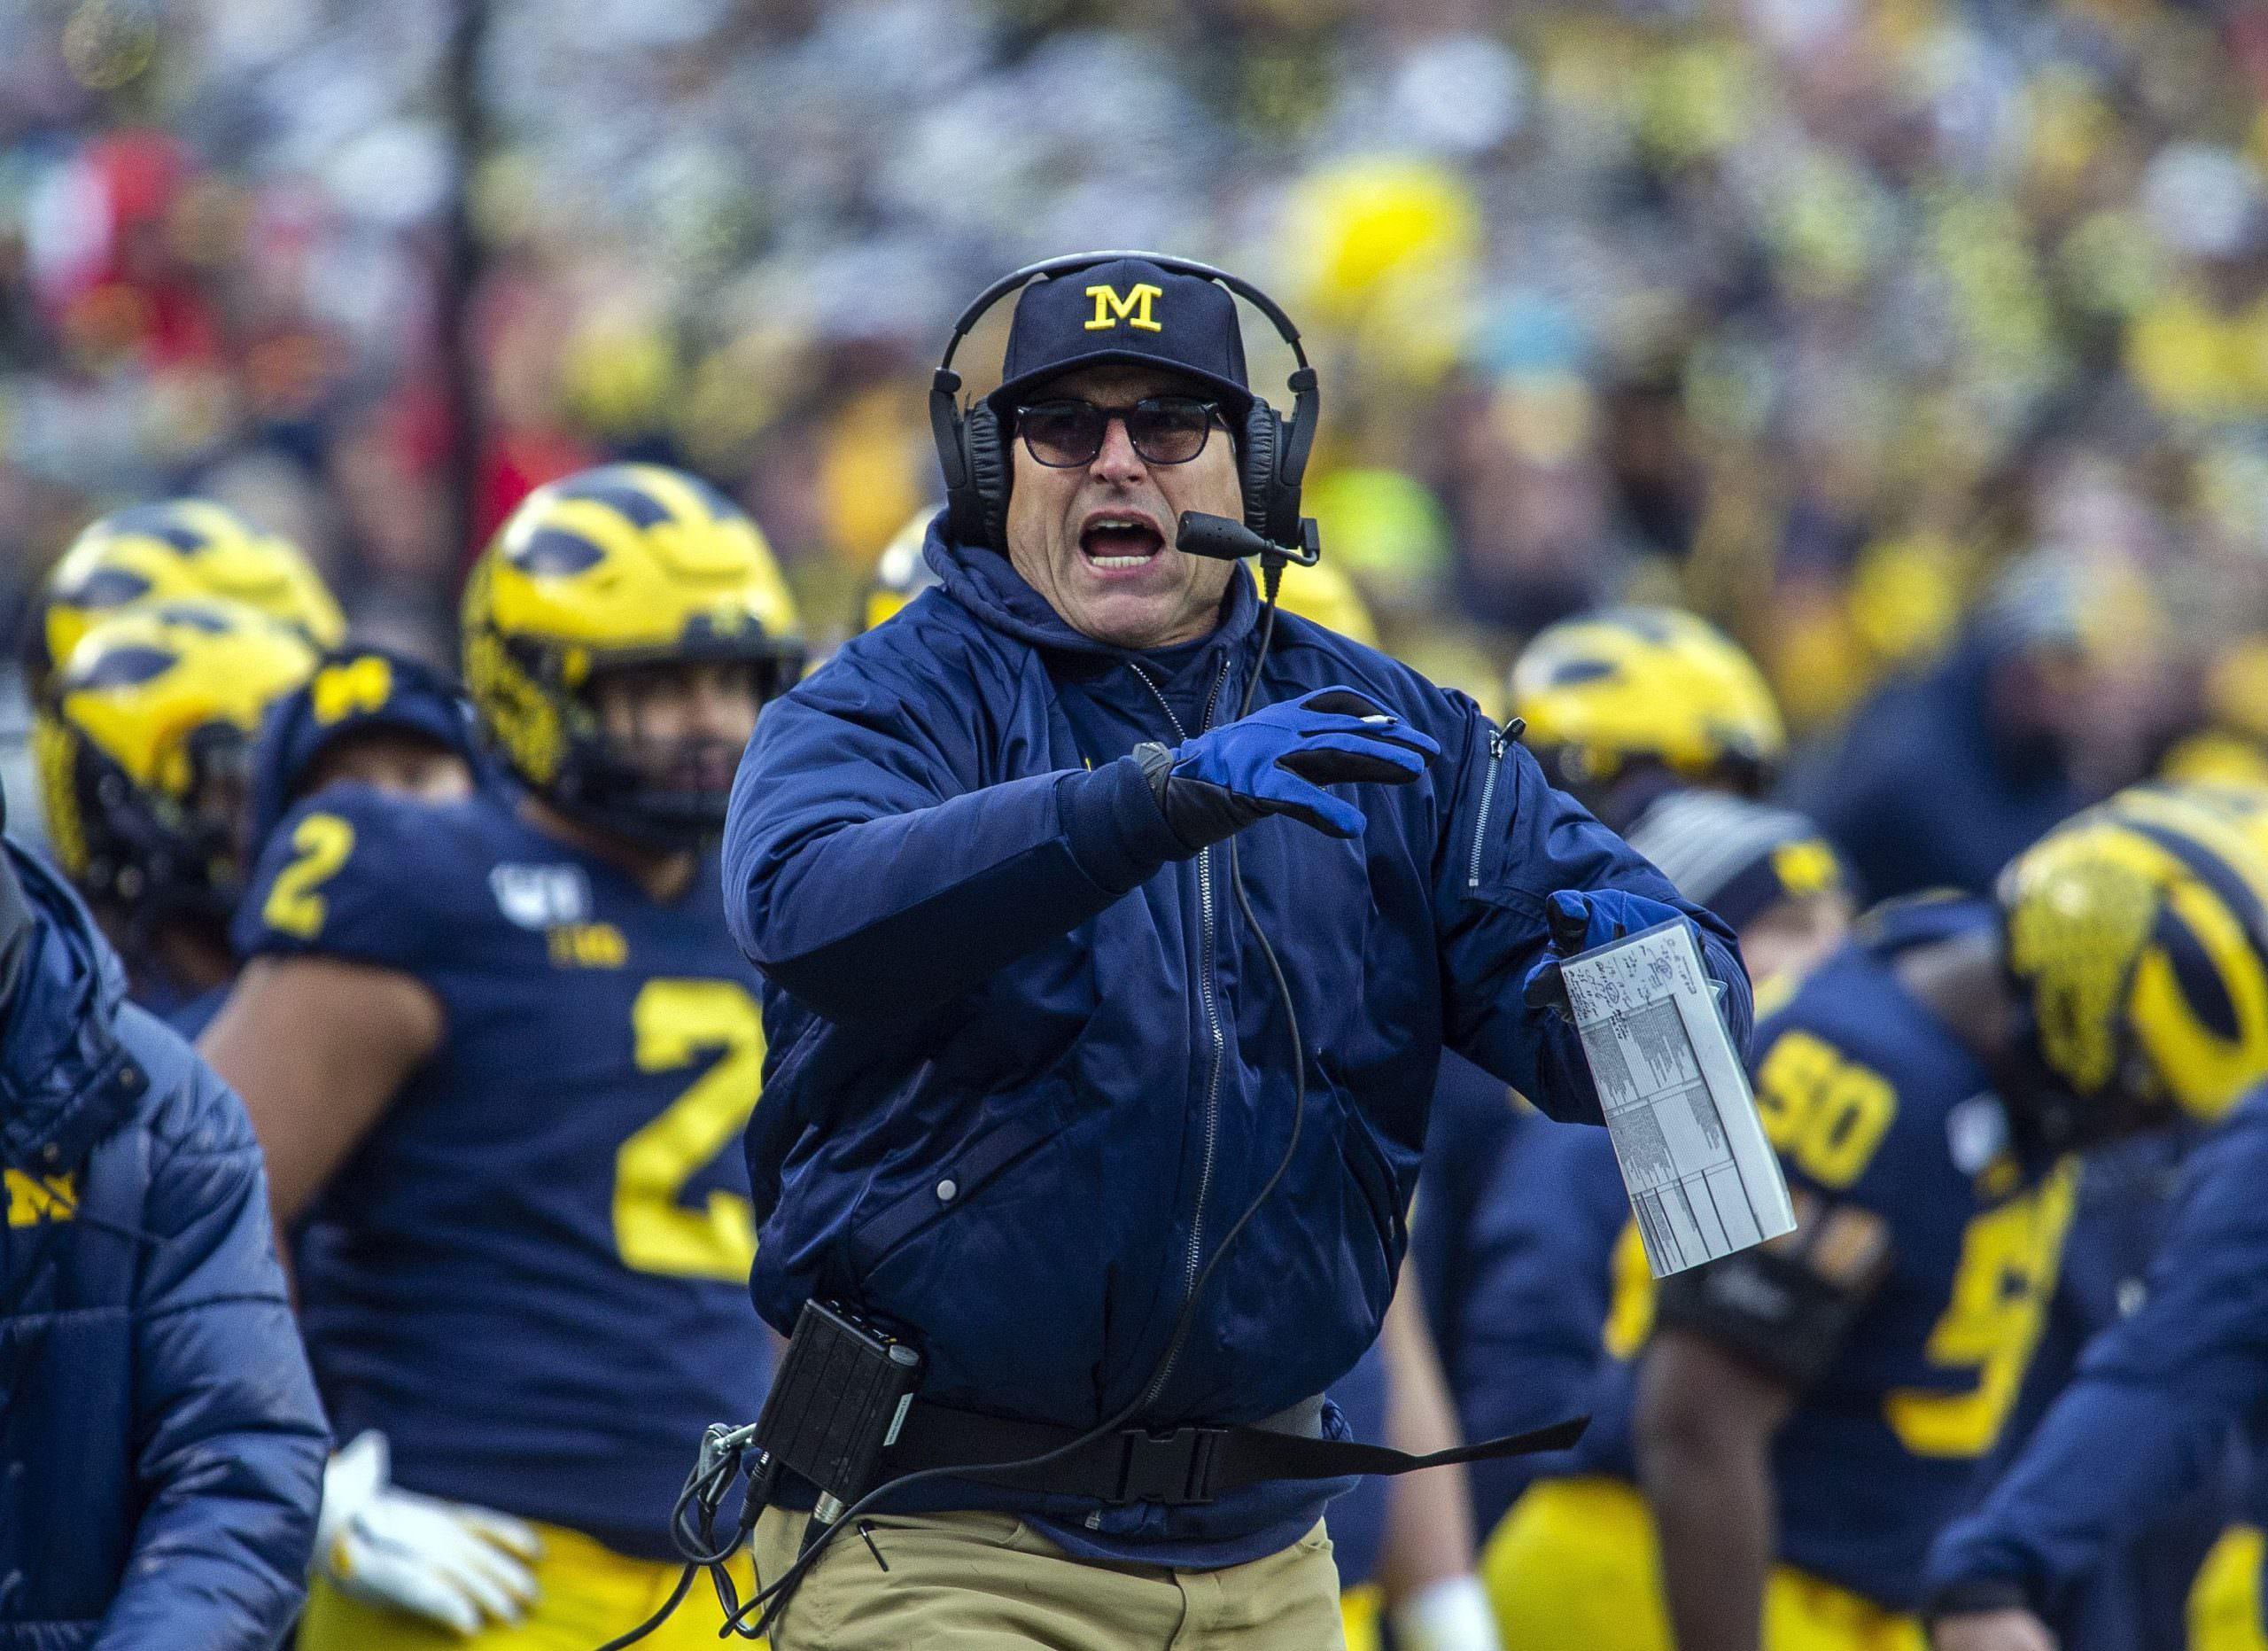 Jim Harbaugh poderia voltar para a NFL após a passagem por Michigan?  Insiders divididos em treinador em apuros